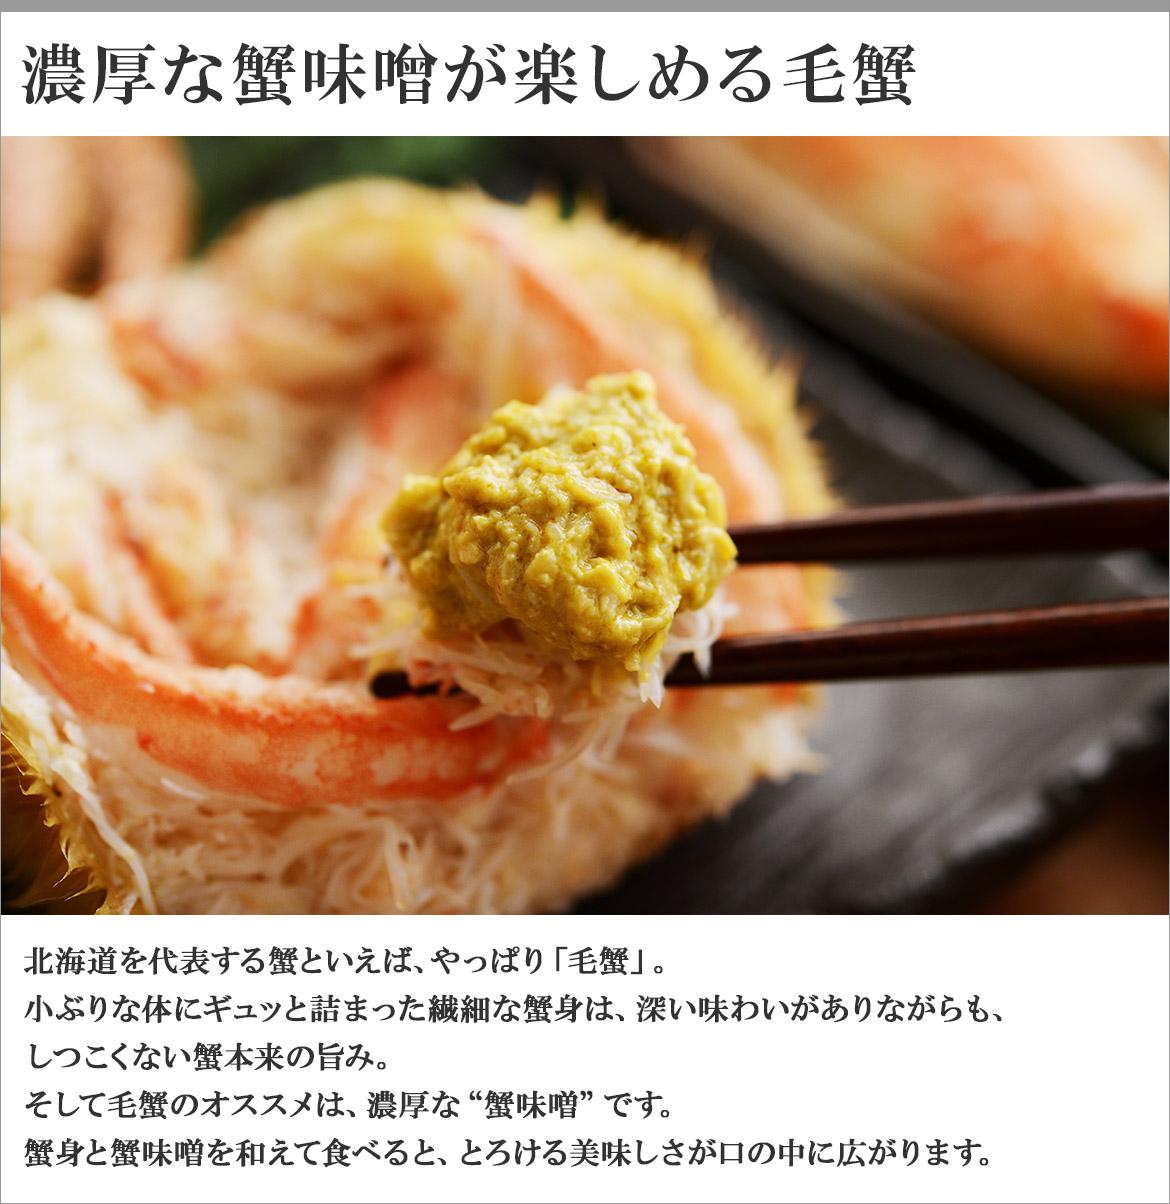 ★毛ガニ・いくらセット